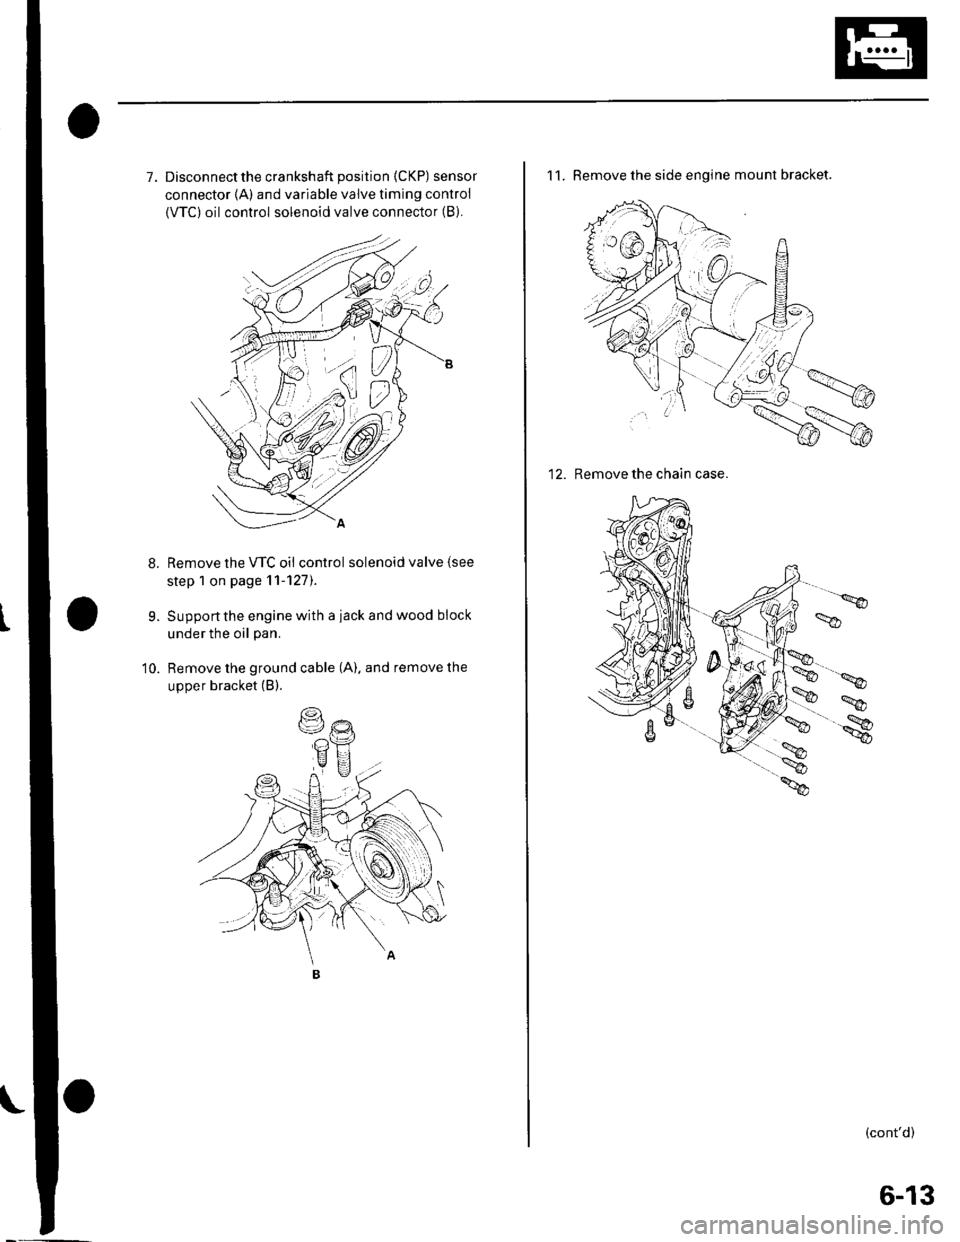 HONDA CIVIC 2002 7.G Workshop Manual